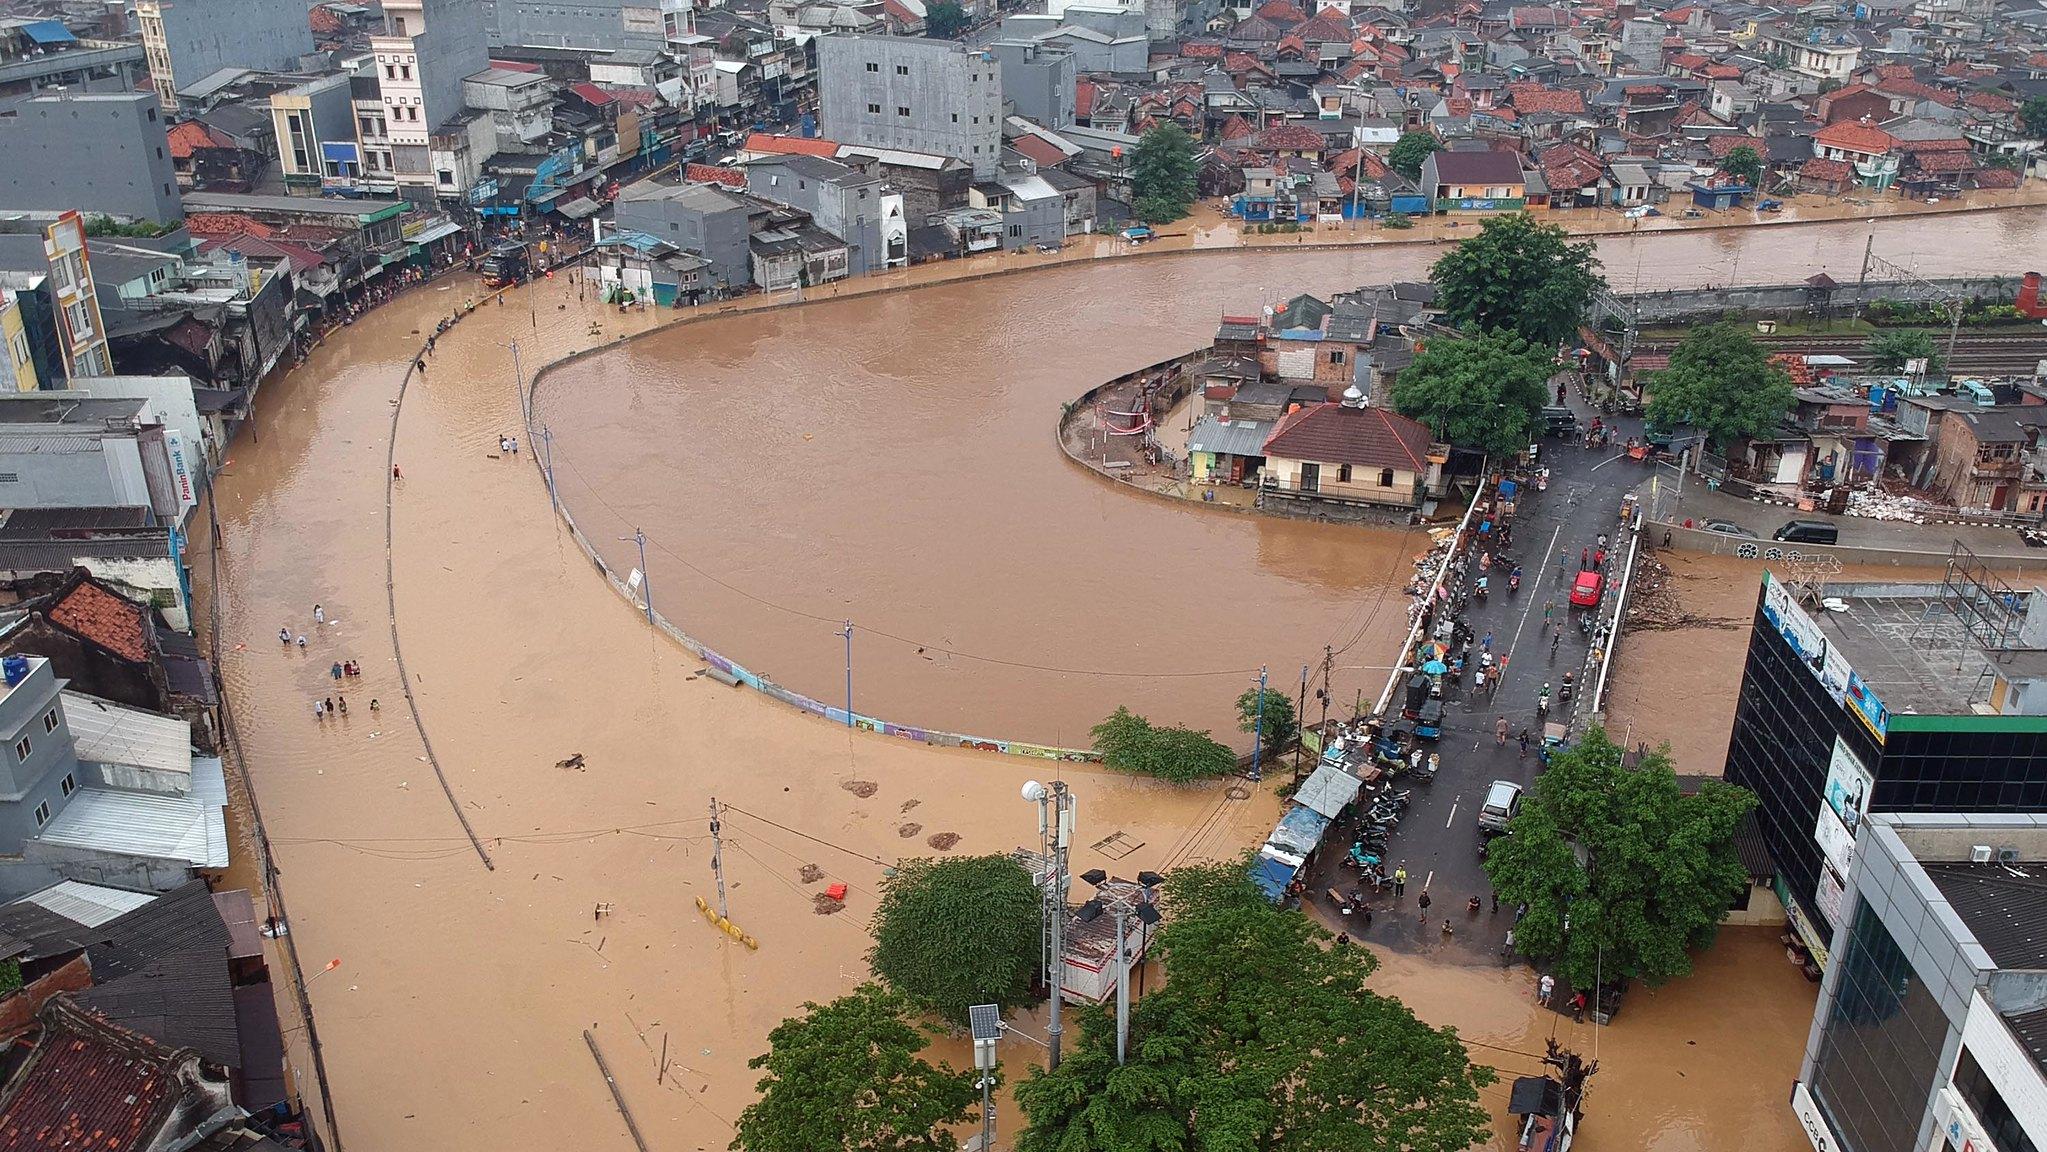 Inundación en la localidad de Prumpung, Yakarta. Foto: Arya Manggala / World Meteorological Organization